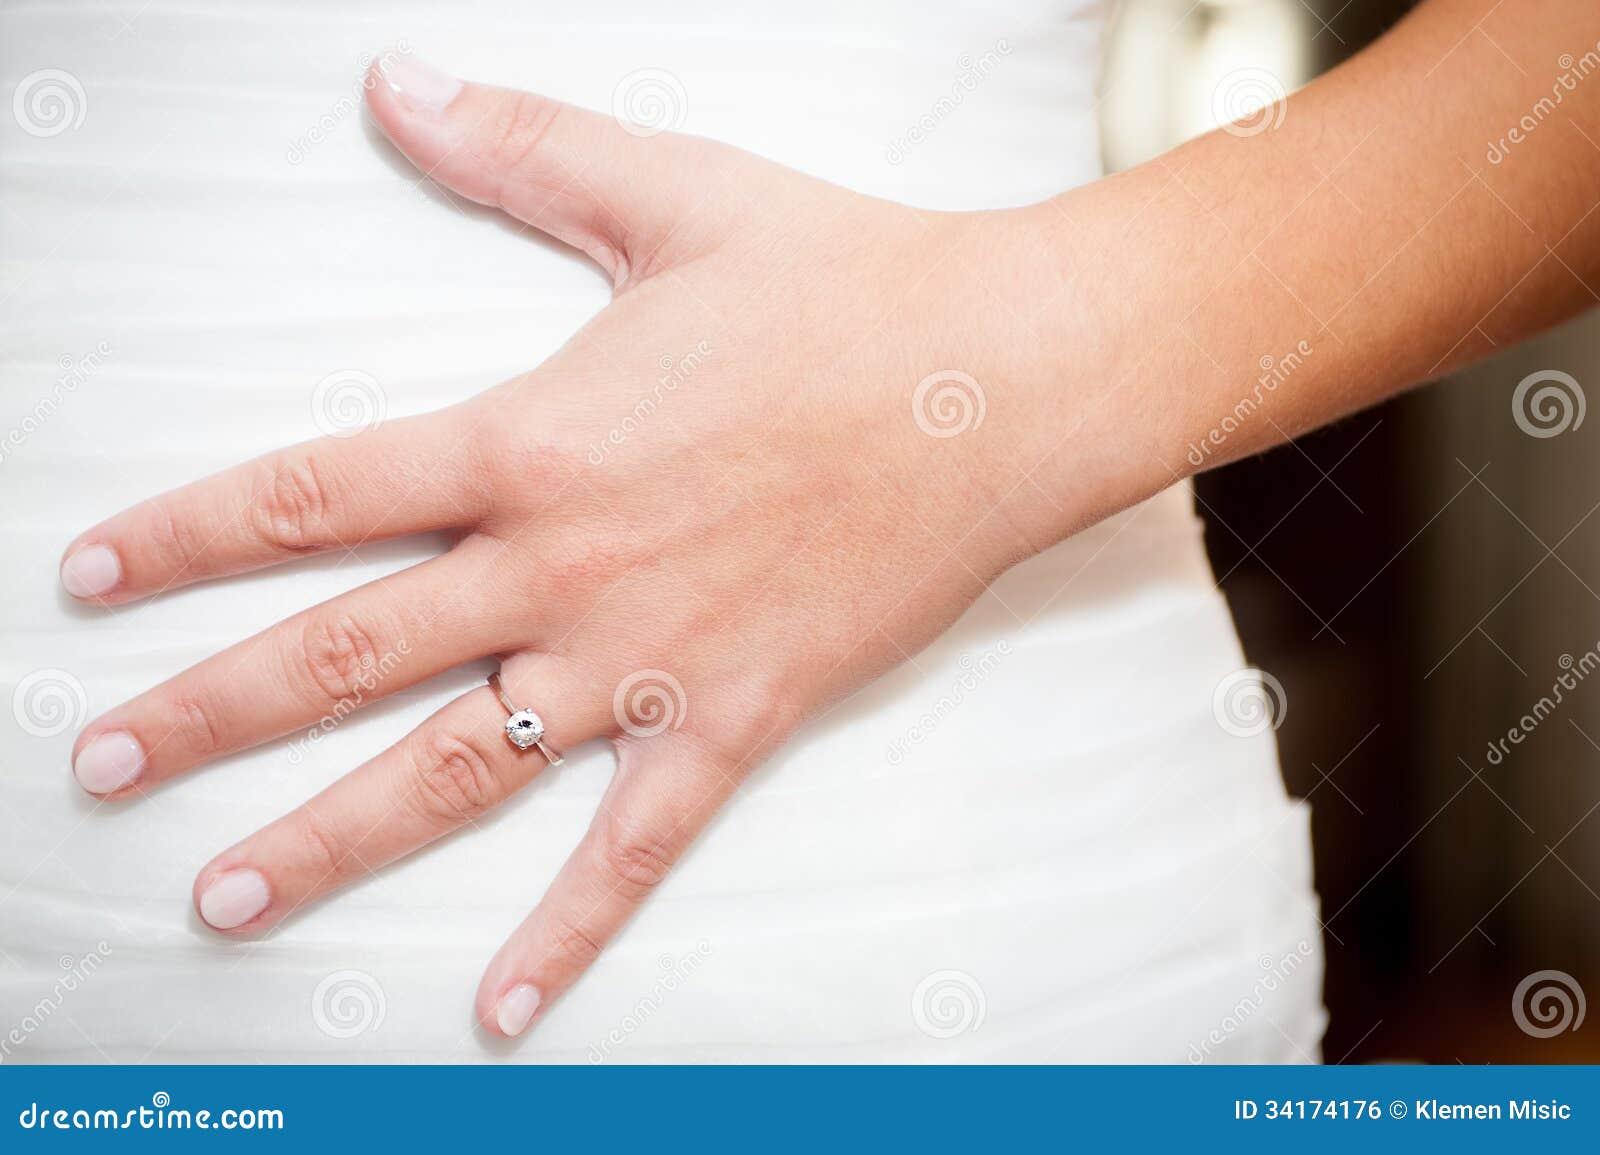 Bague mariage main droite ou gauche